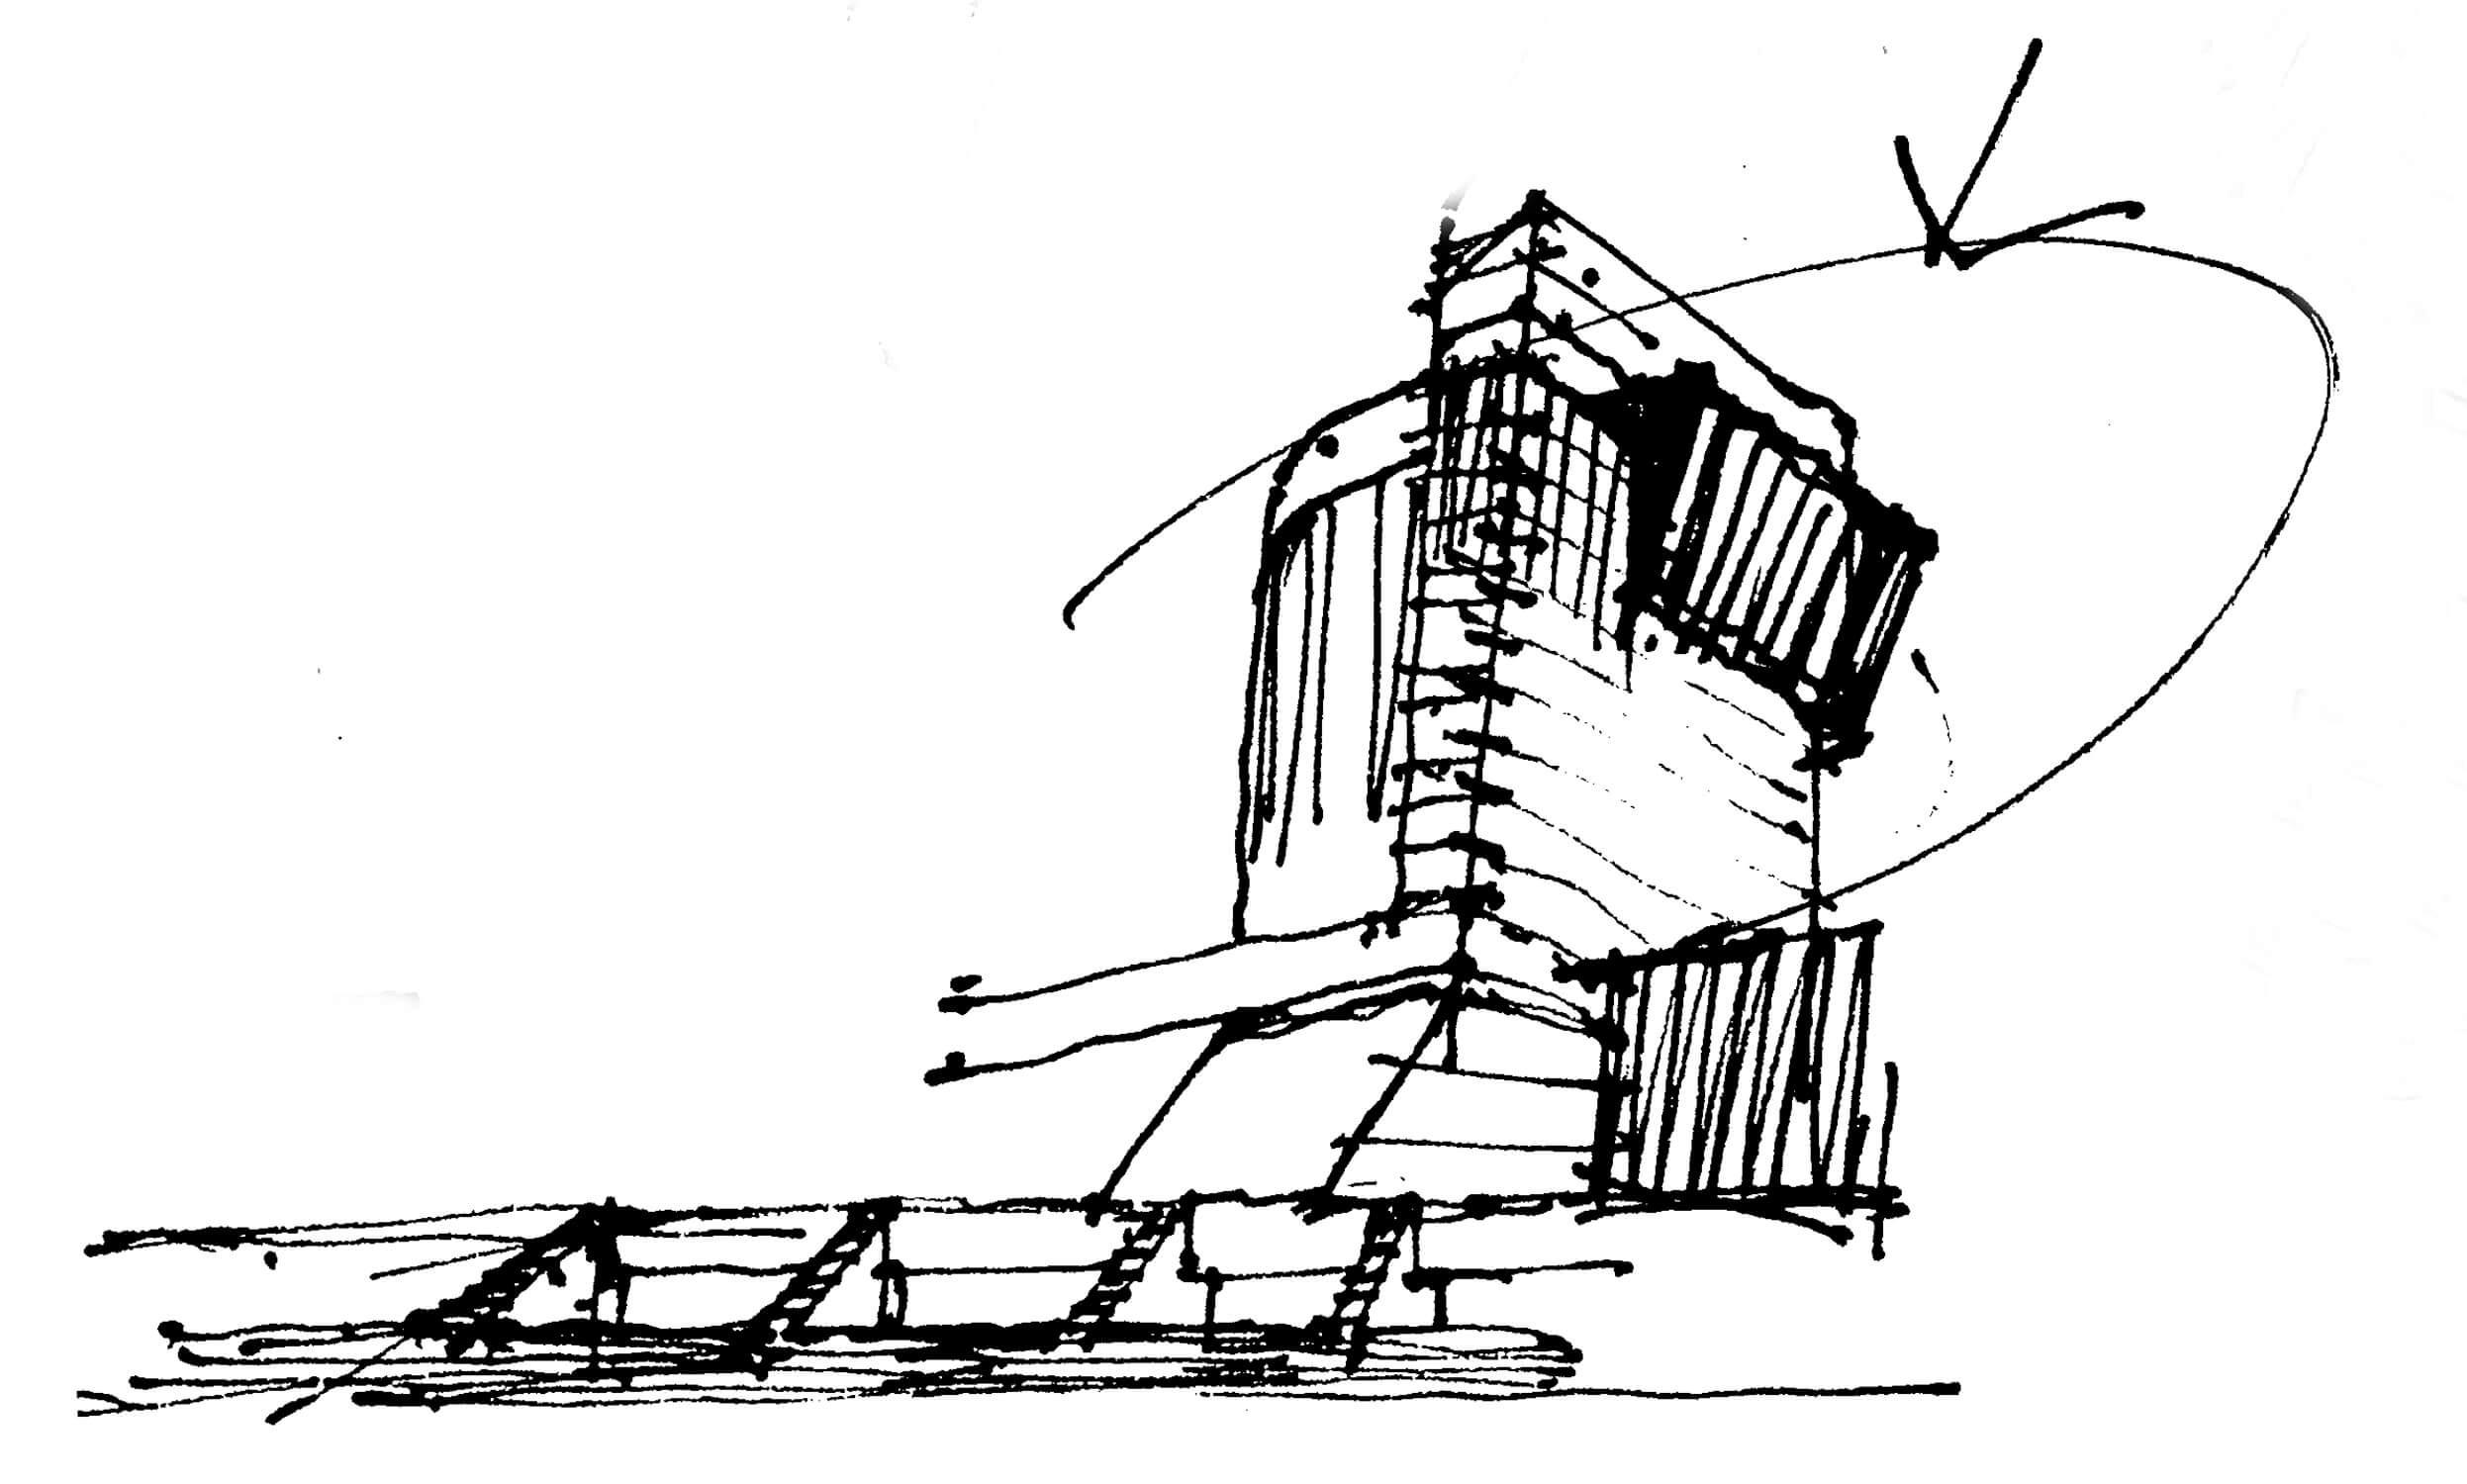 מגדלי טויוטה